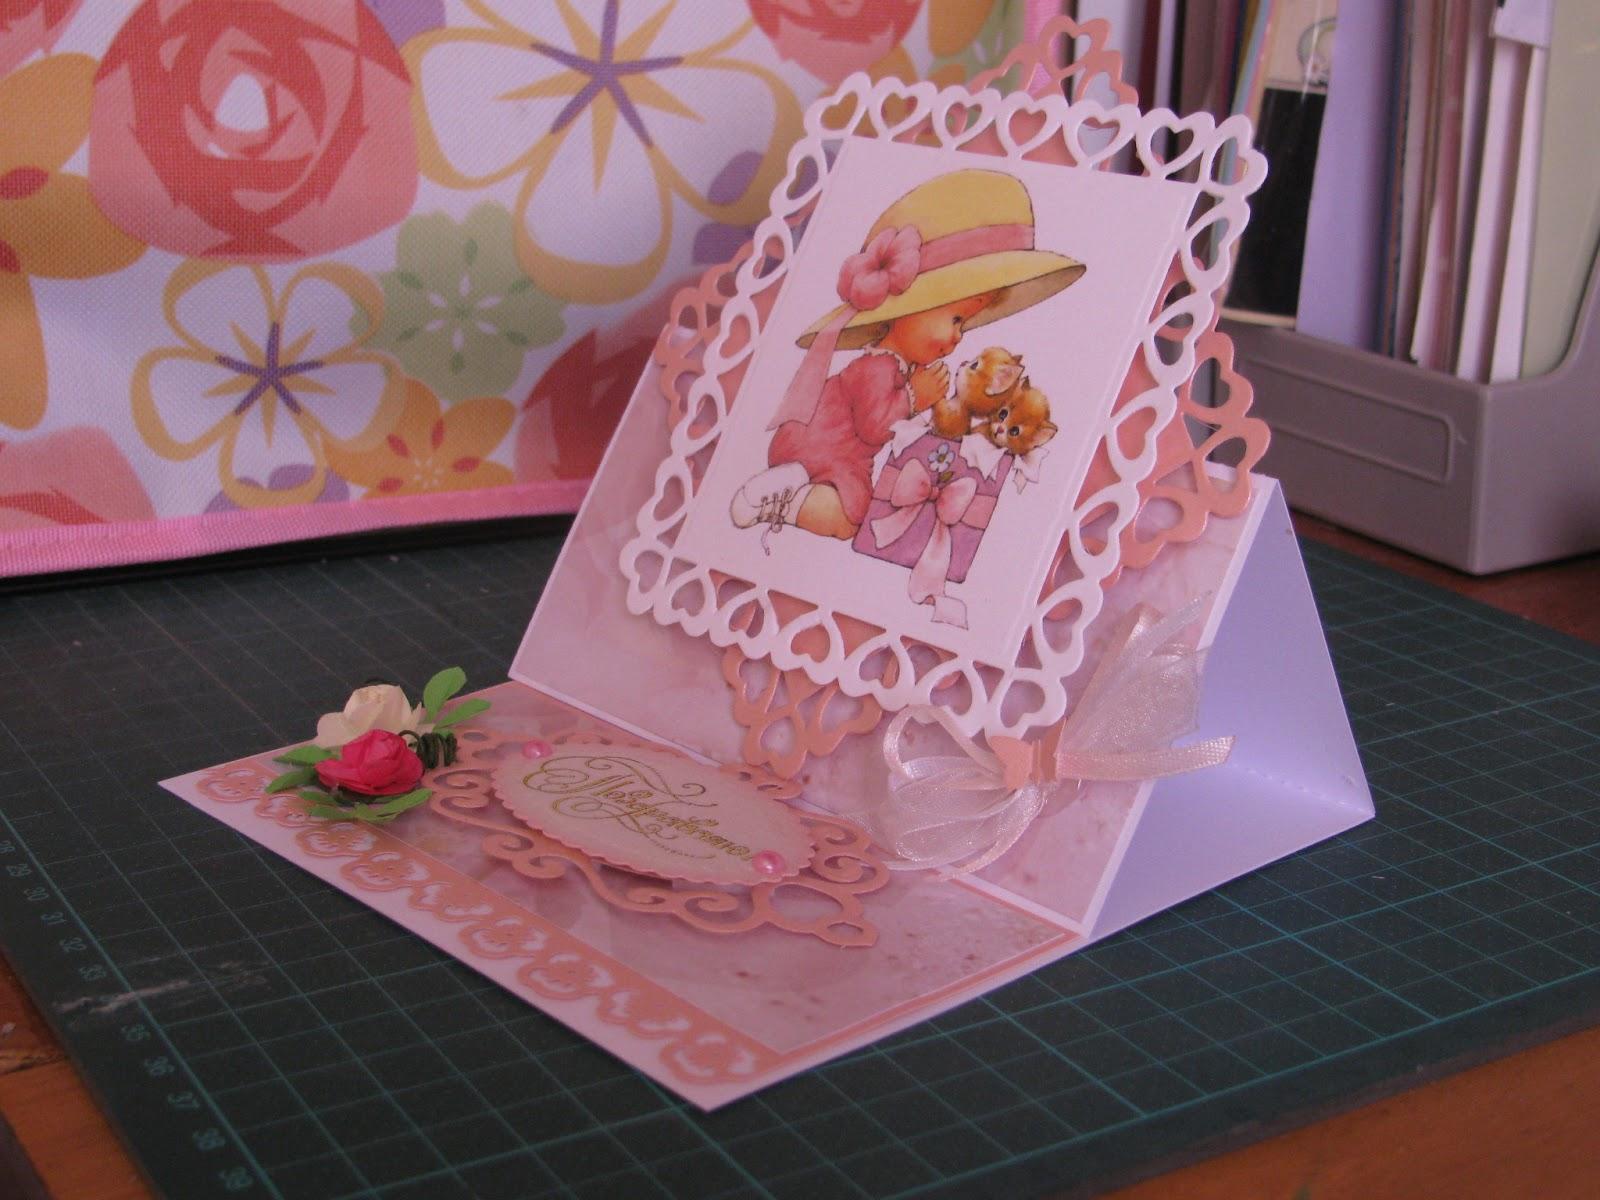 Оригинальная открытка раскладушка мастер-класс с фото 6